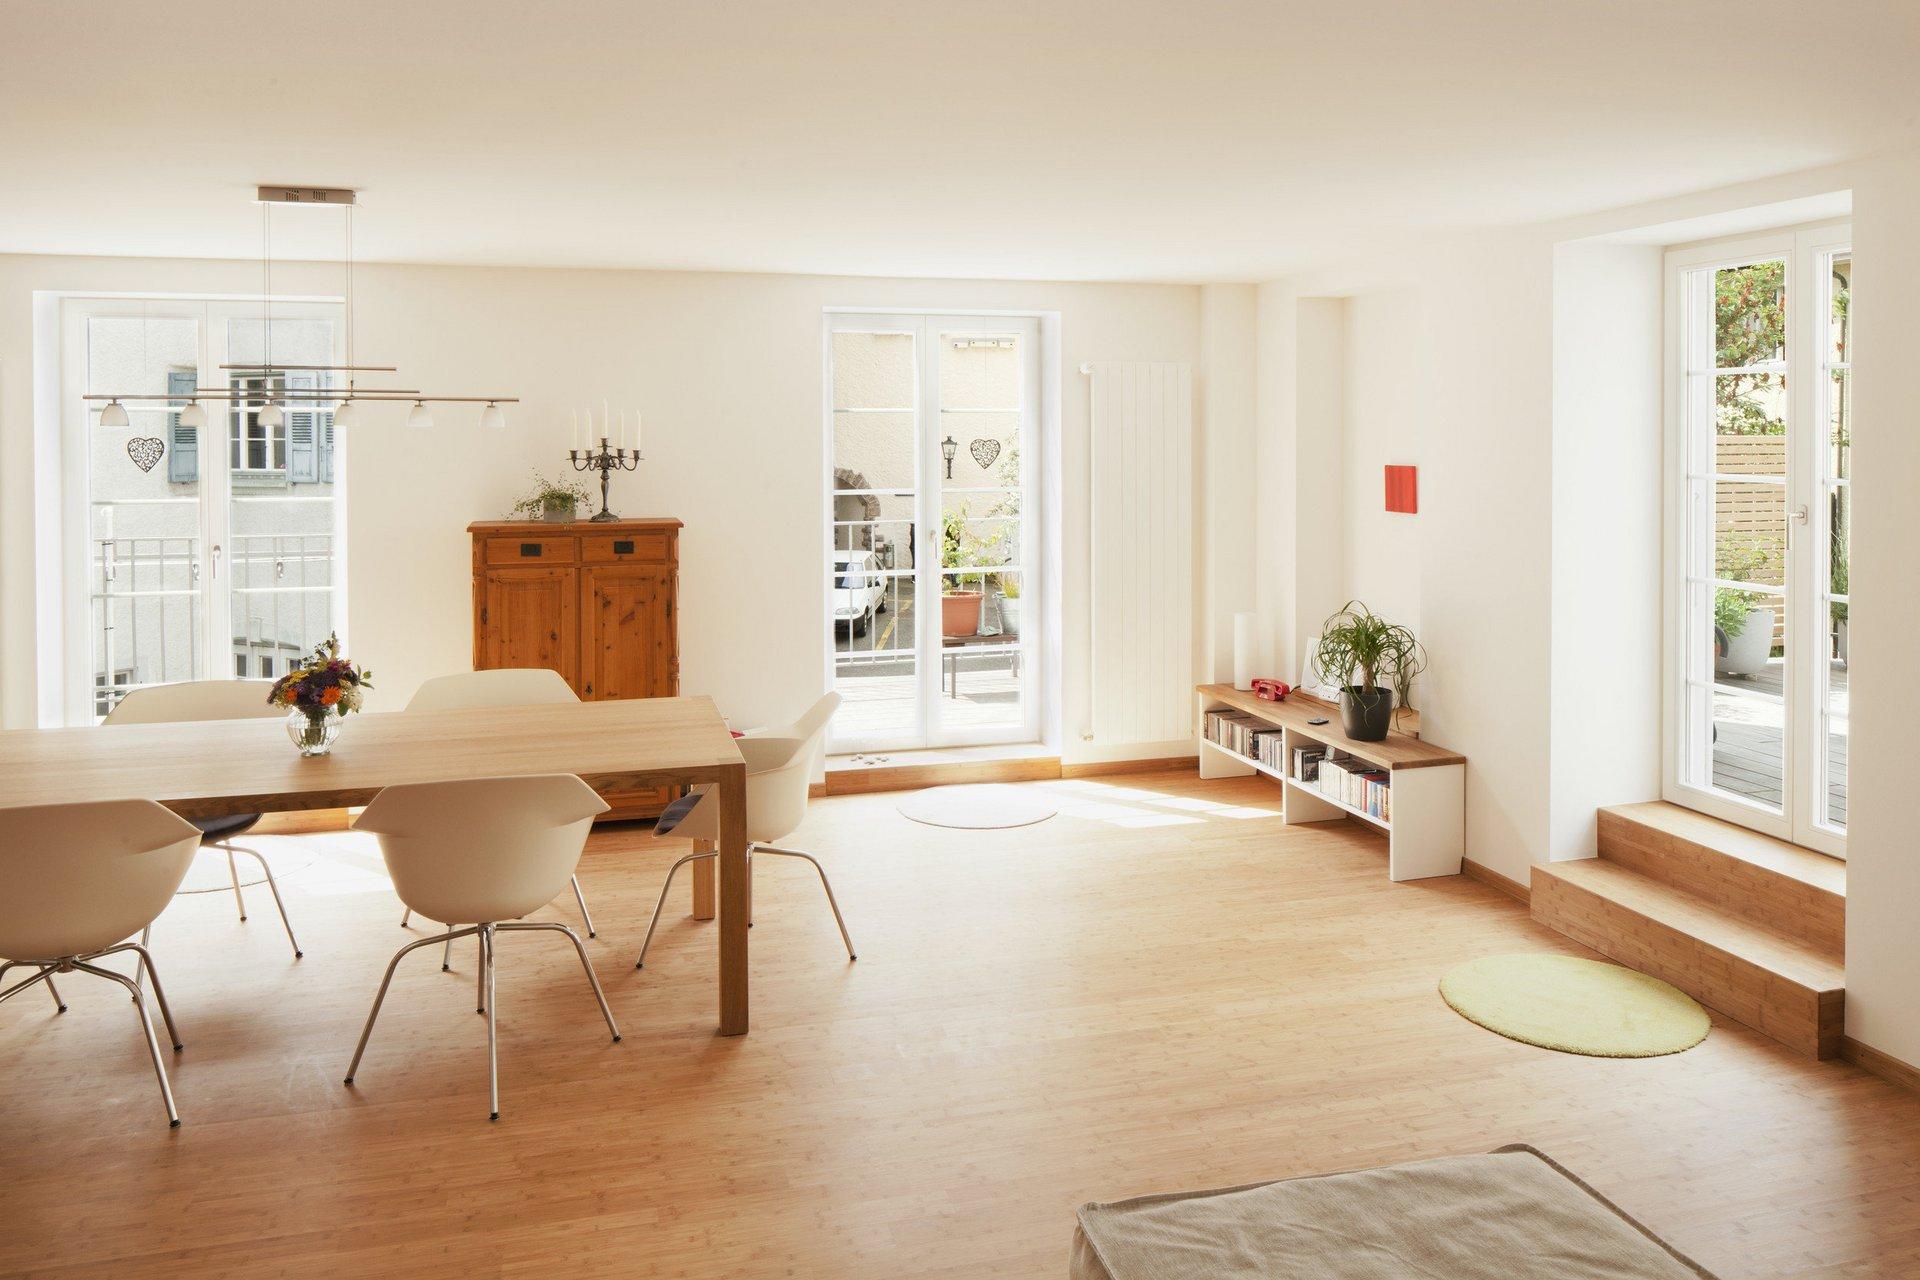 Modern möbliertes Zimmer mit Esstisch und lichtspendenden Altstadtfenstern